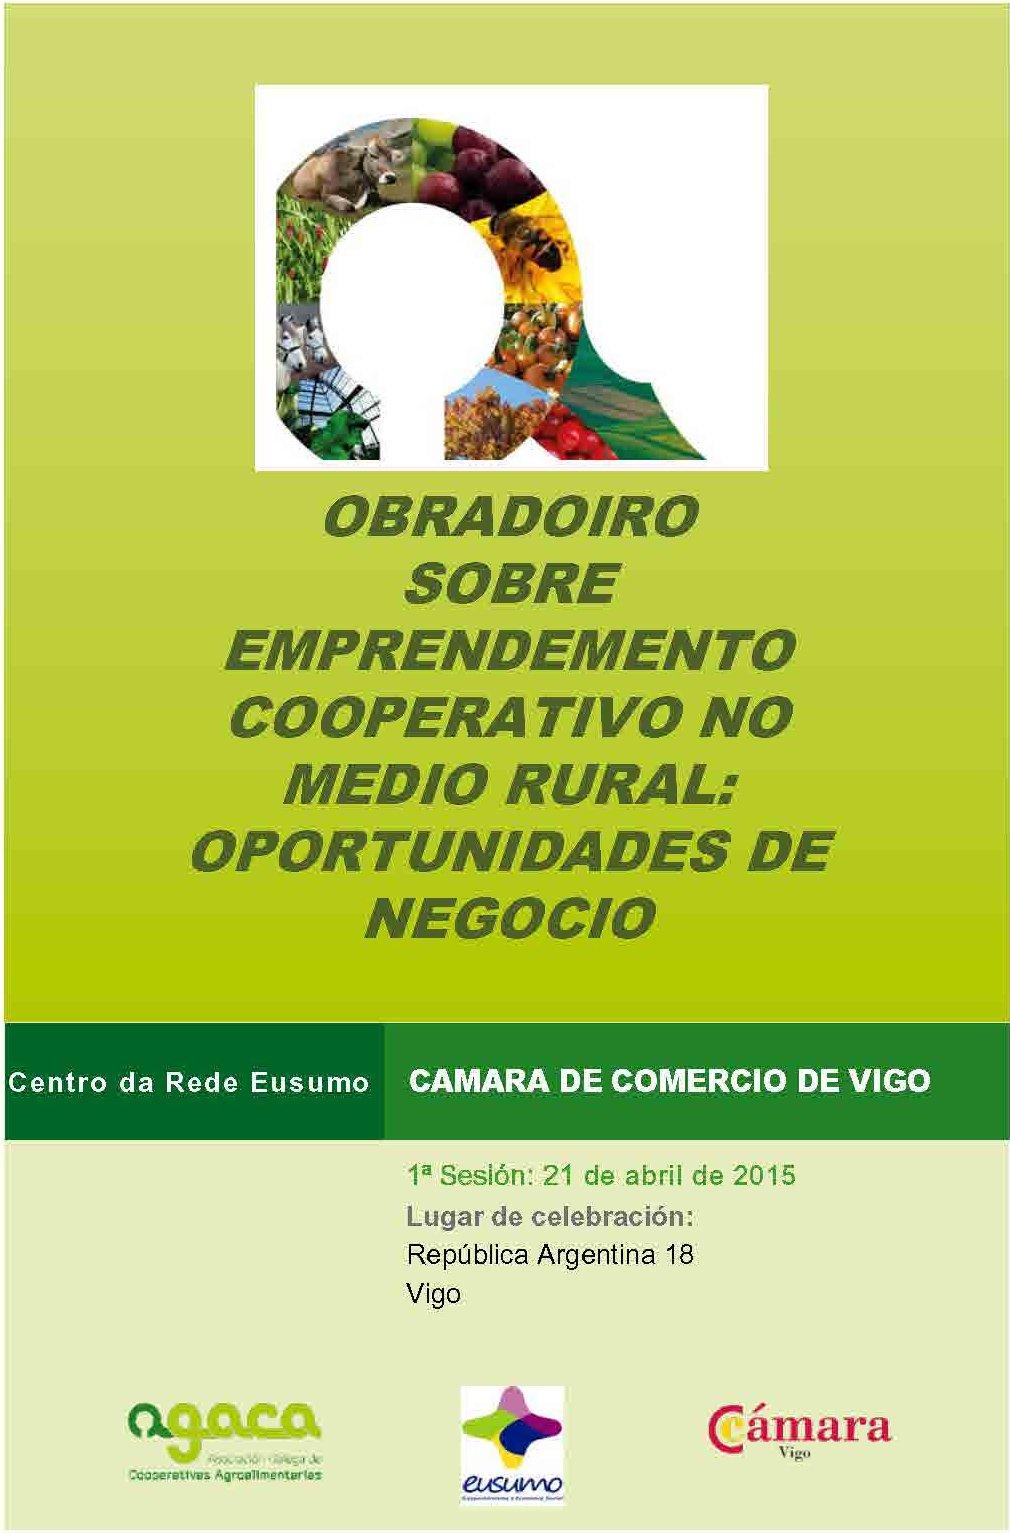 Obradoiro Emprendimiento Cooperativo (Cámara de Comercio de Vigo)